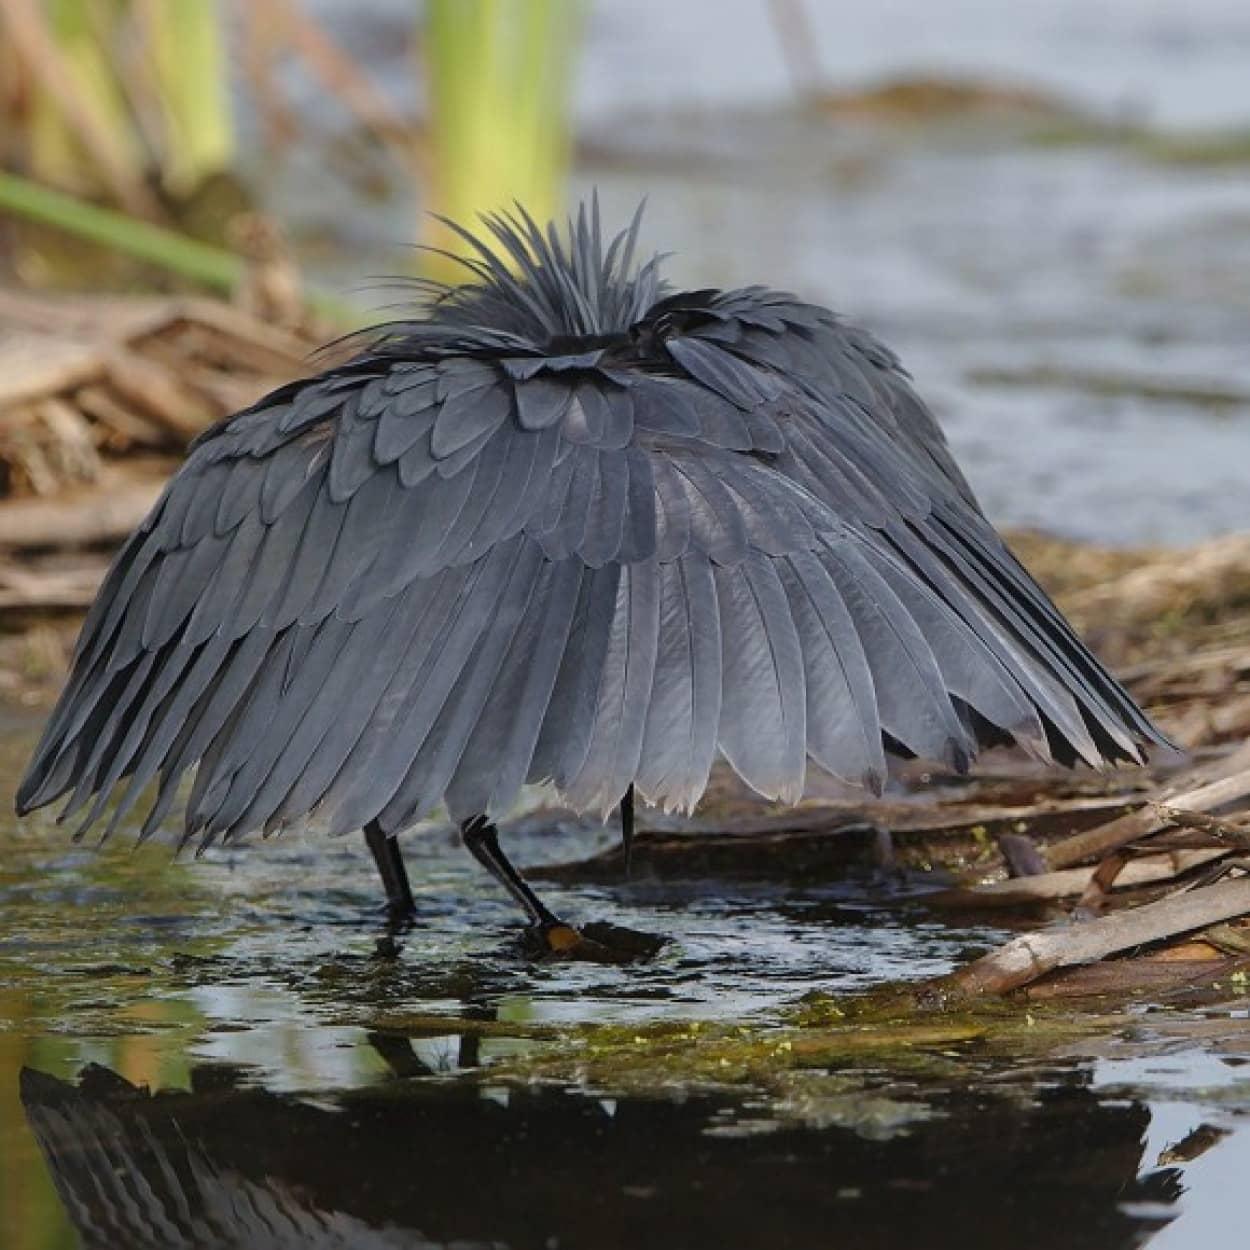 傘に変装して獲物を捕らえる「クロコサギ」